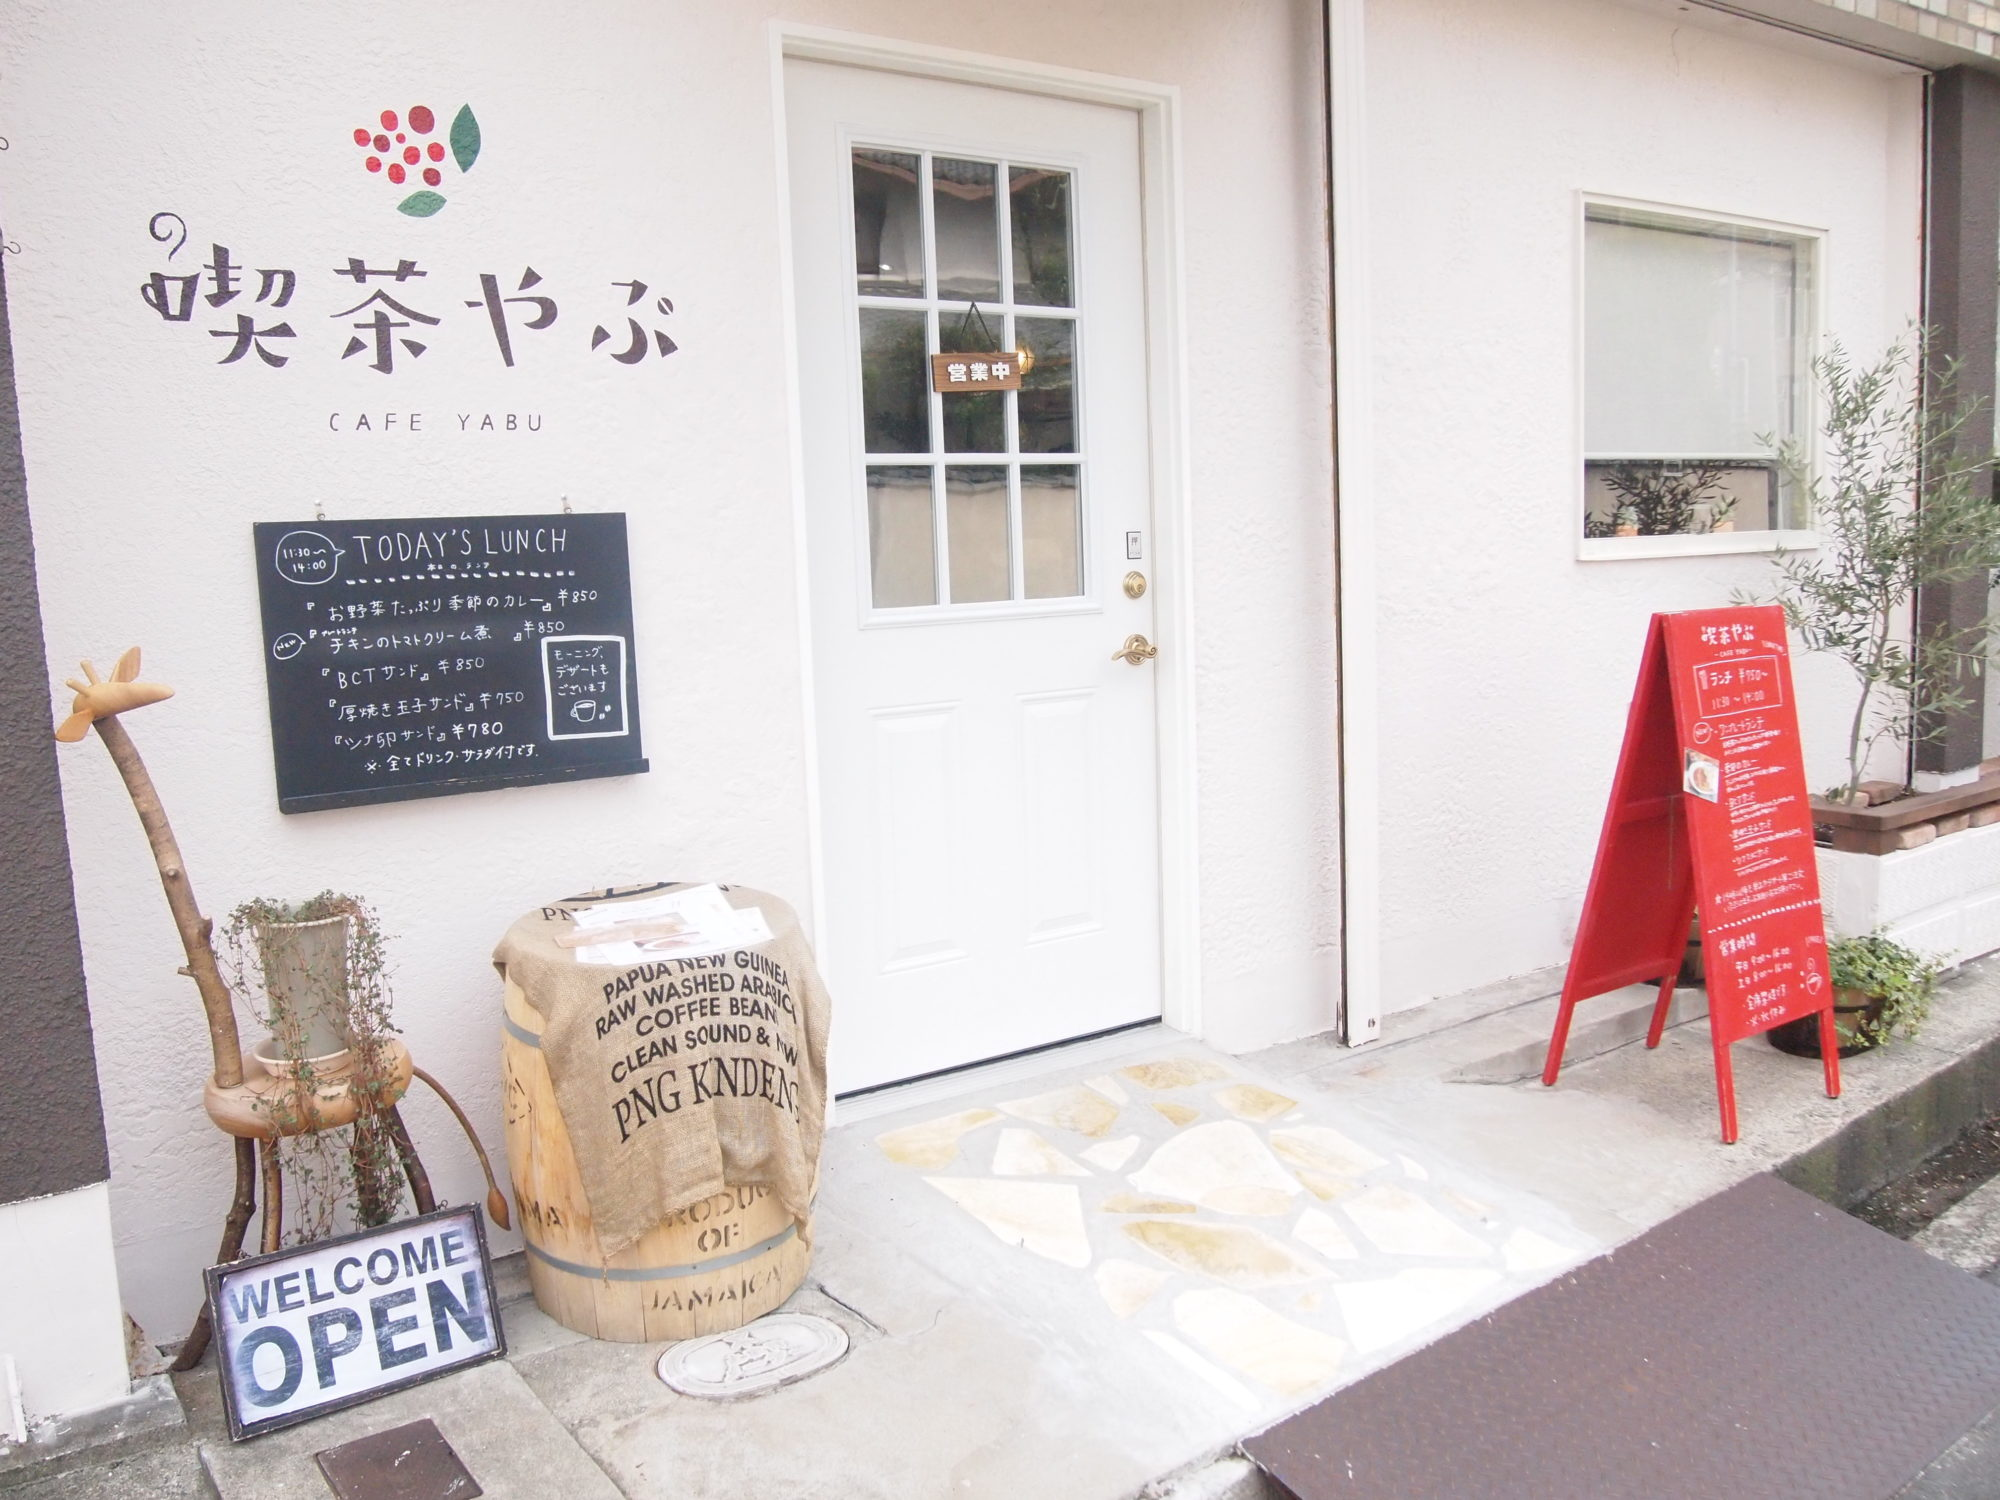 喫茶やぶ(大阪市平野区)でのランチ〜体に優しいカレーと美味しいコーヒーにほっこりするランチタイム〜